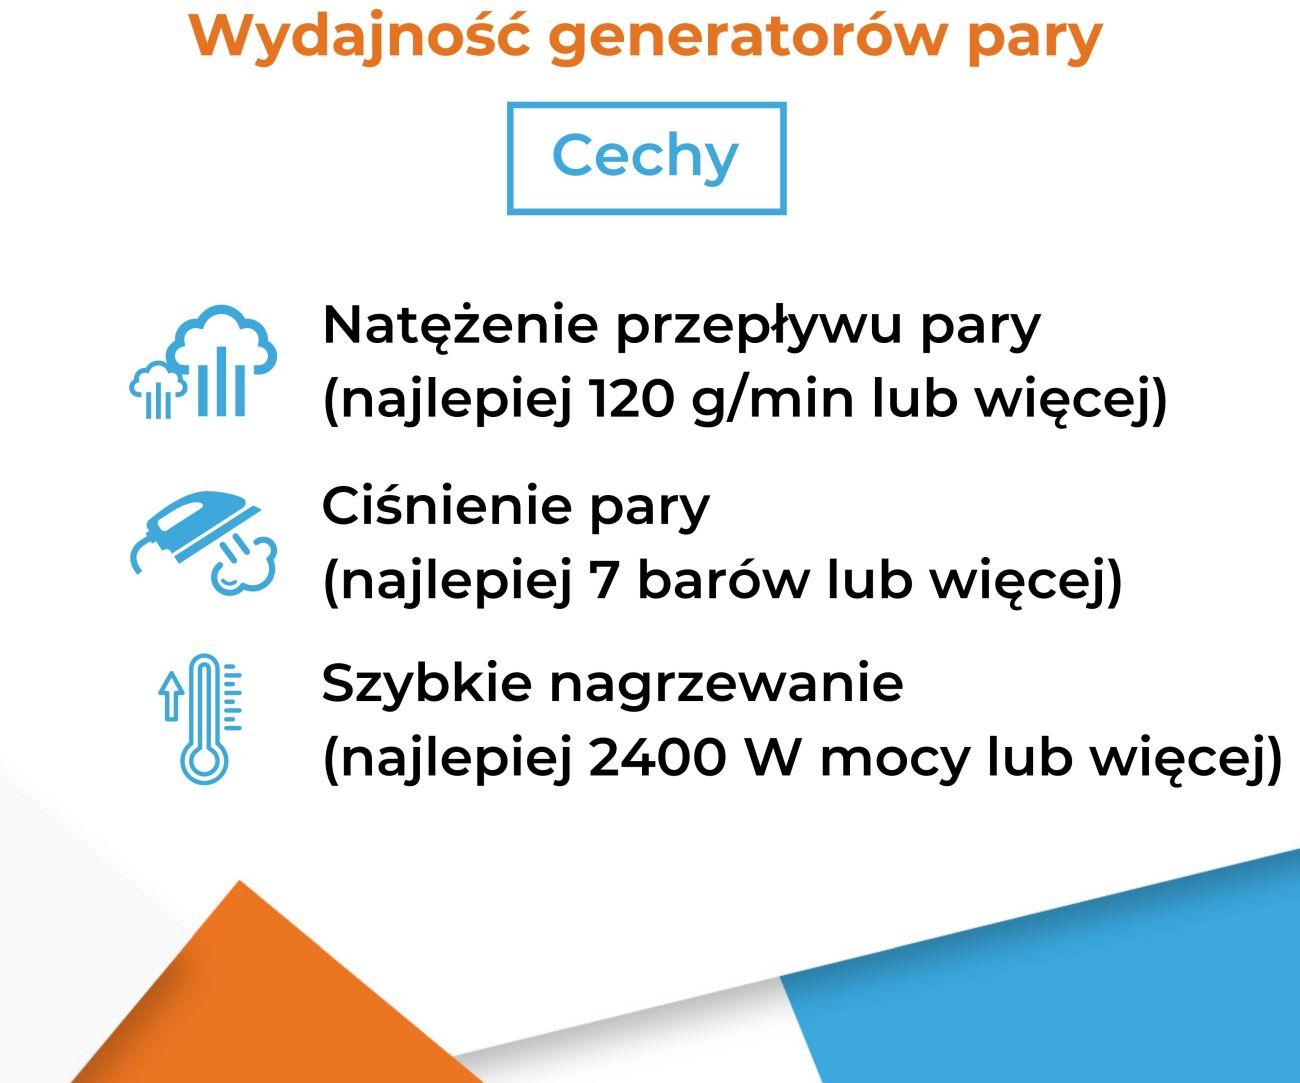 Cechy wpływające na wydajność generatorów pary - Infografika